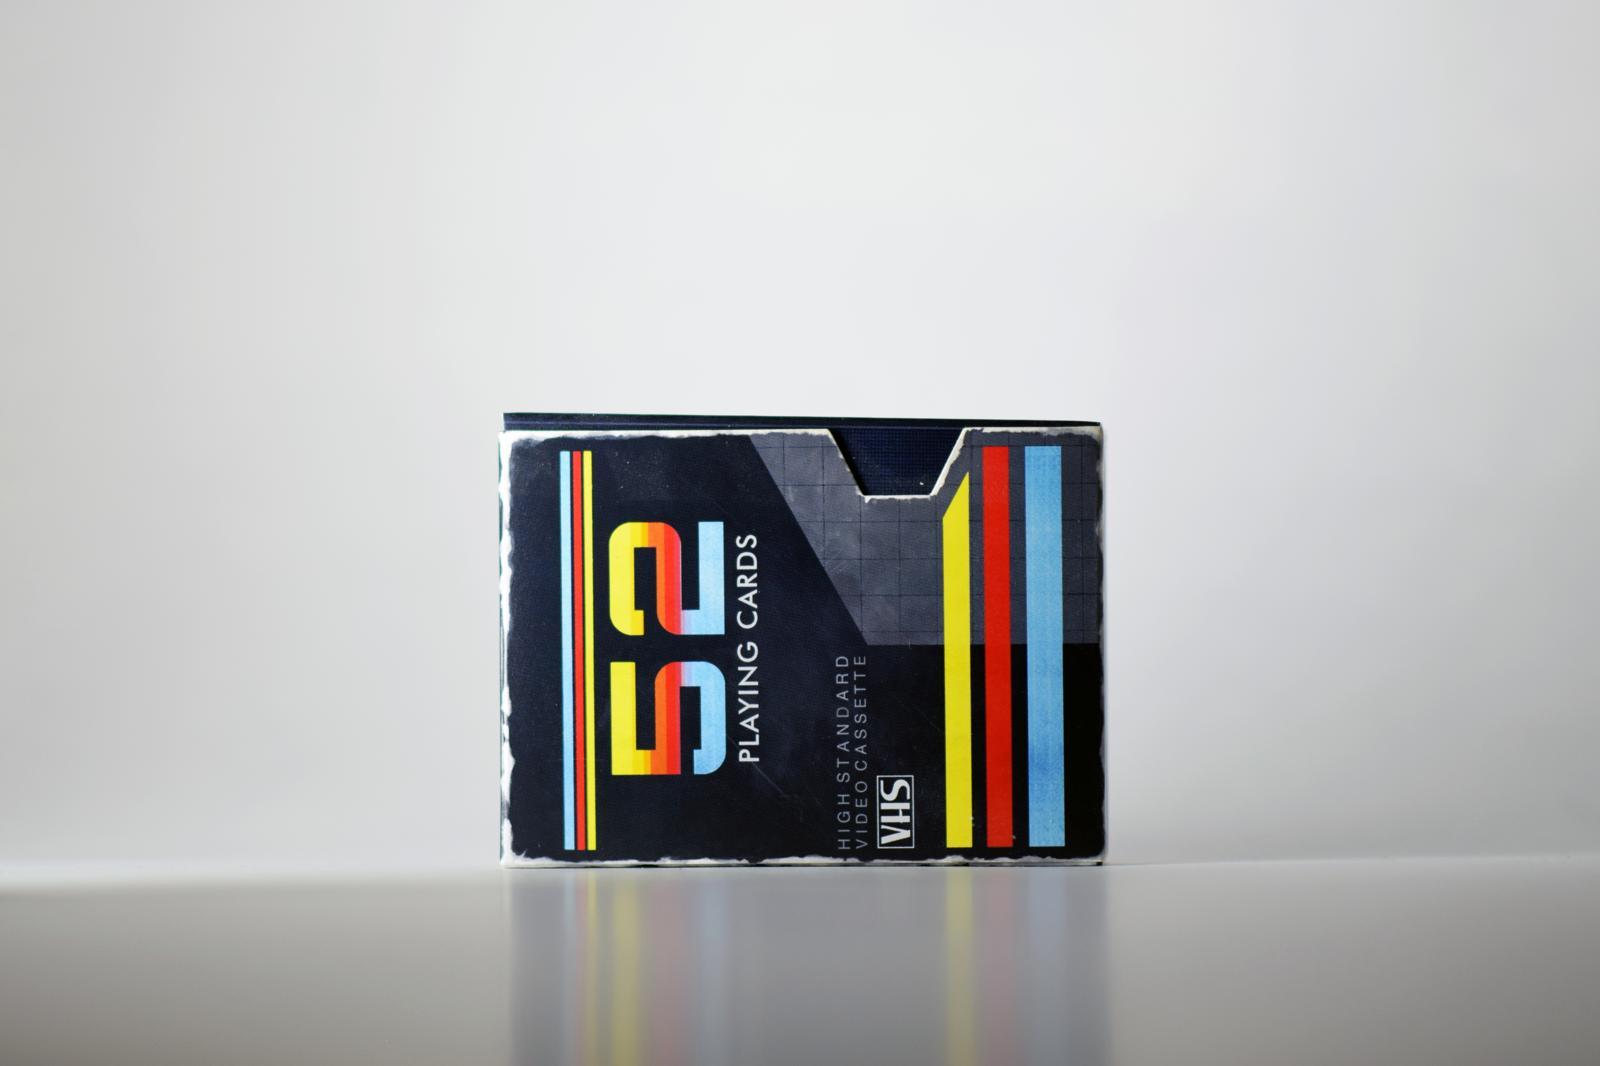 VHSFront